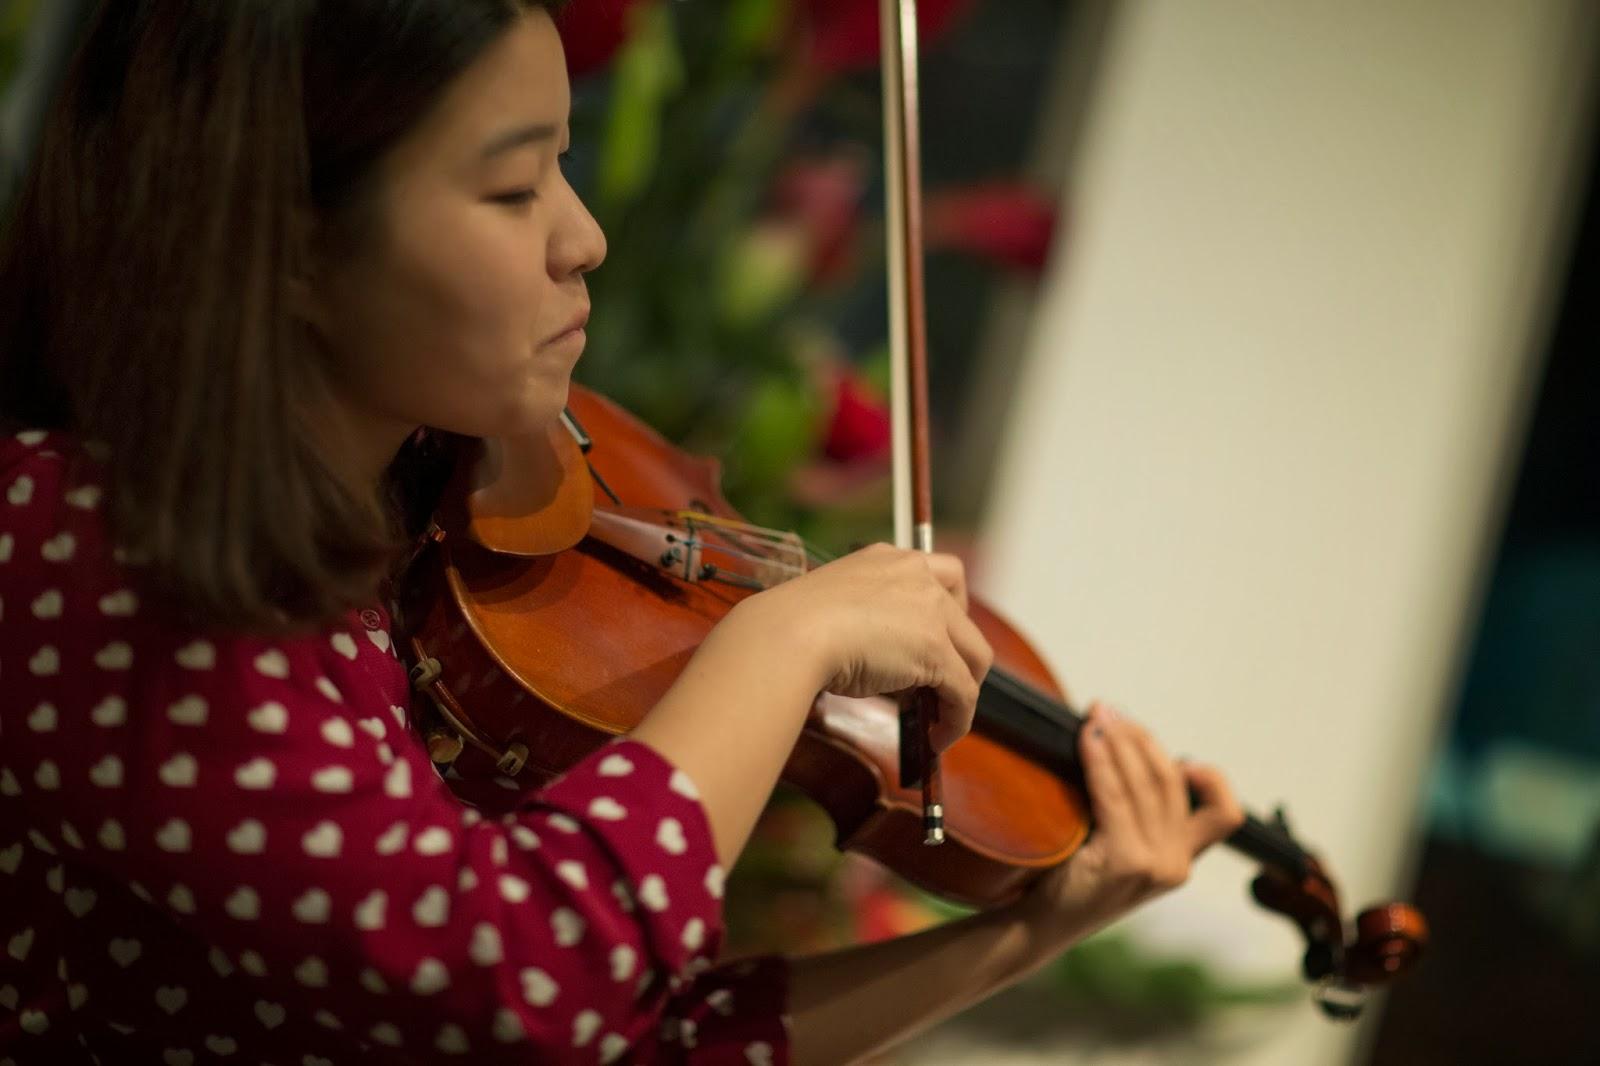 Kim Eun Hyung Violin 2